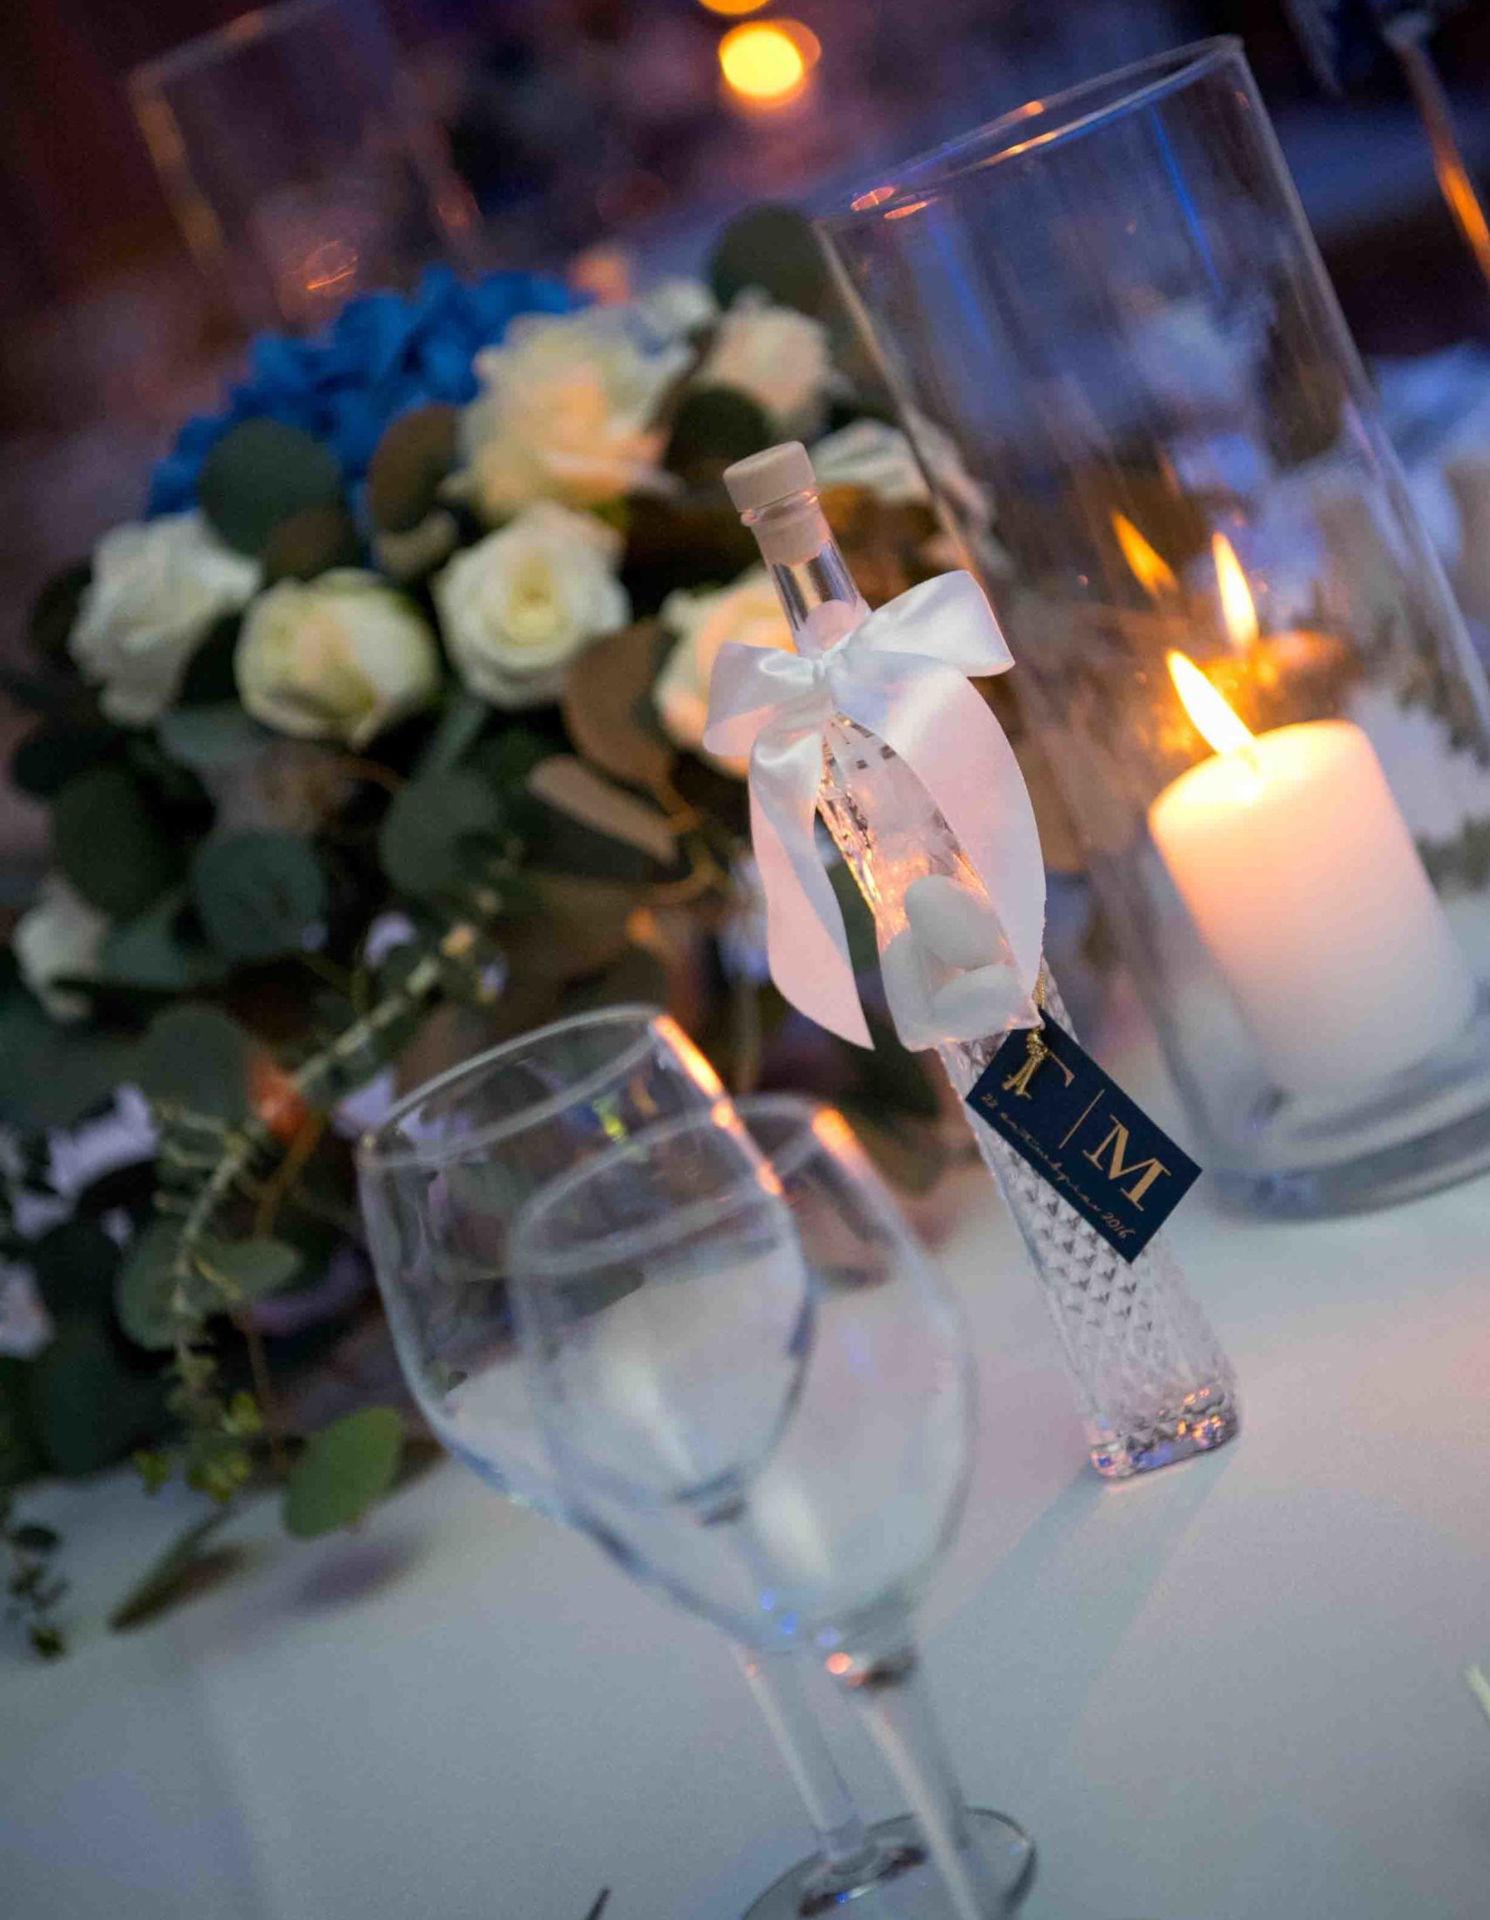 μπομπονιέρα γάμου μποκάλι από λικέρ και άσπρο φιόγκο